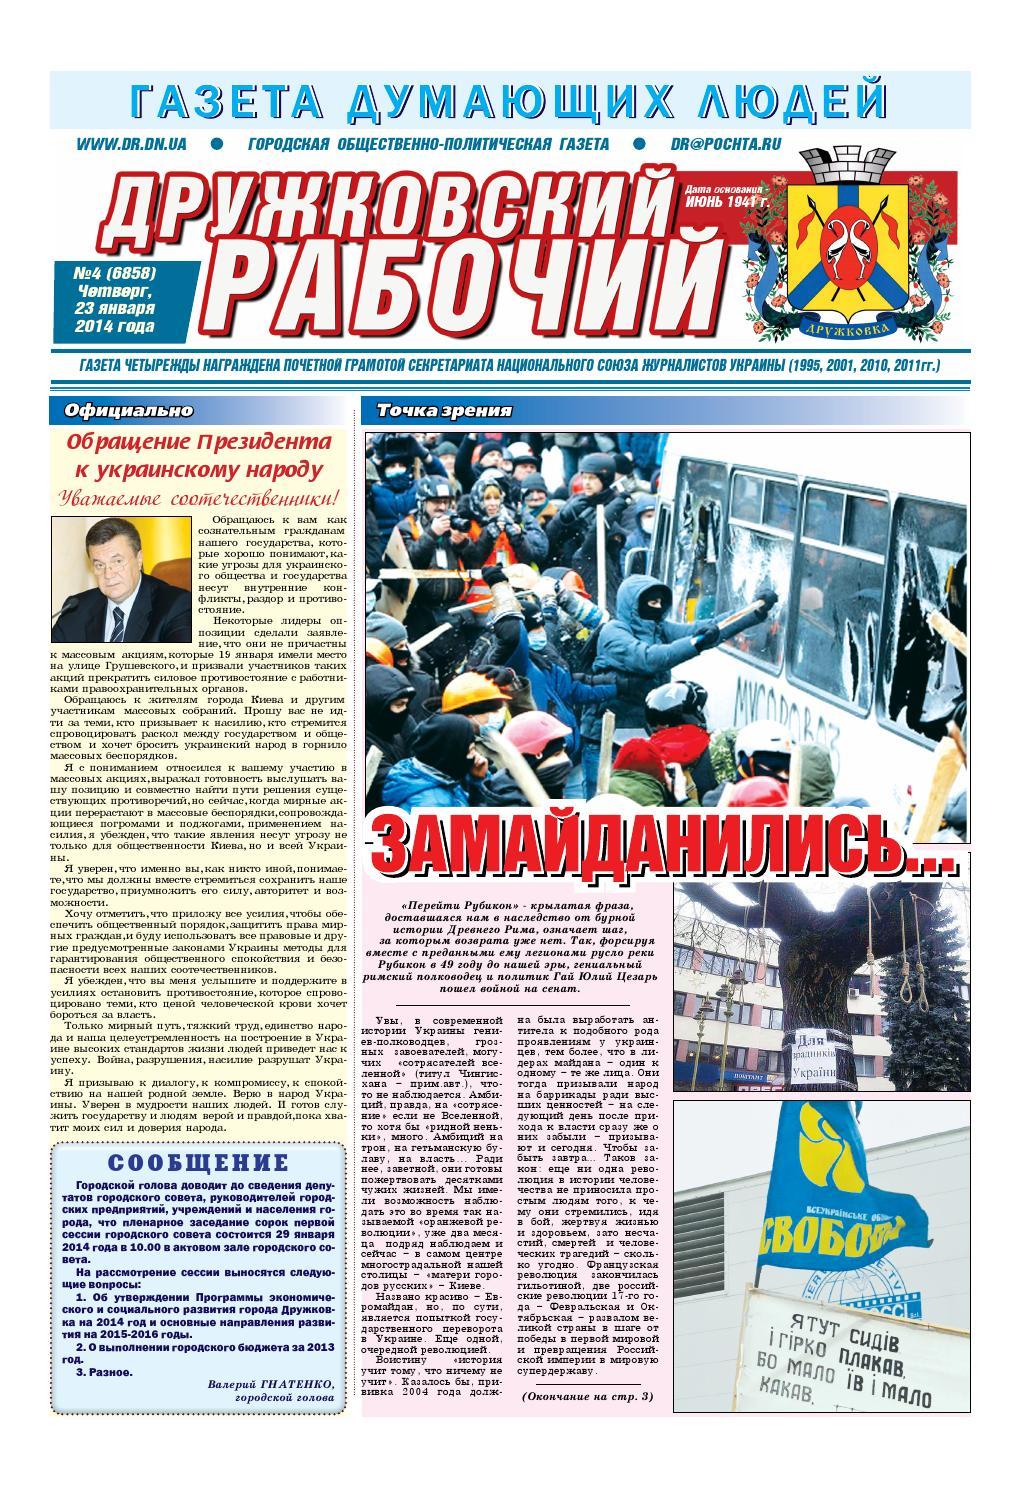 """""""Дружковский рабочий"""" №4 от 23.01.2014 года"""